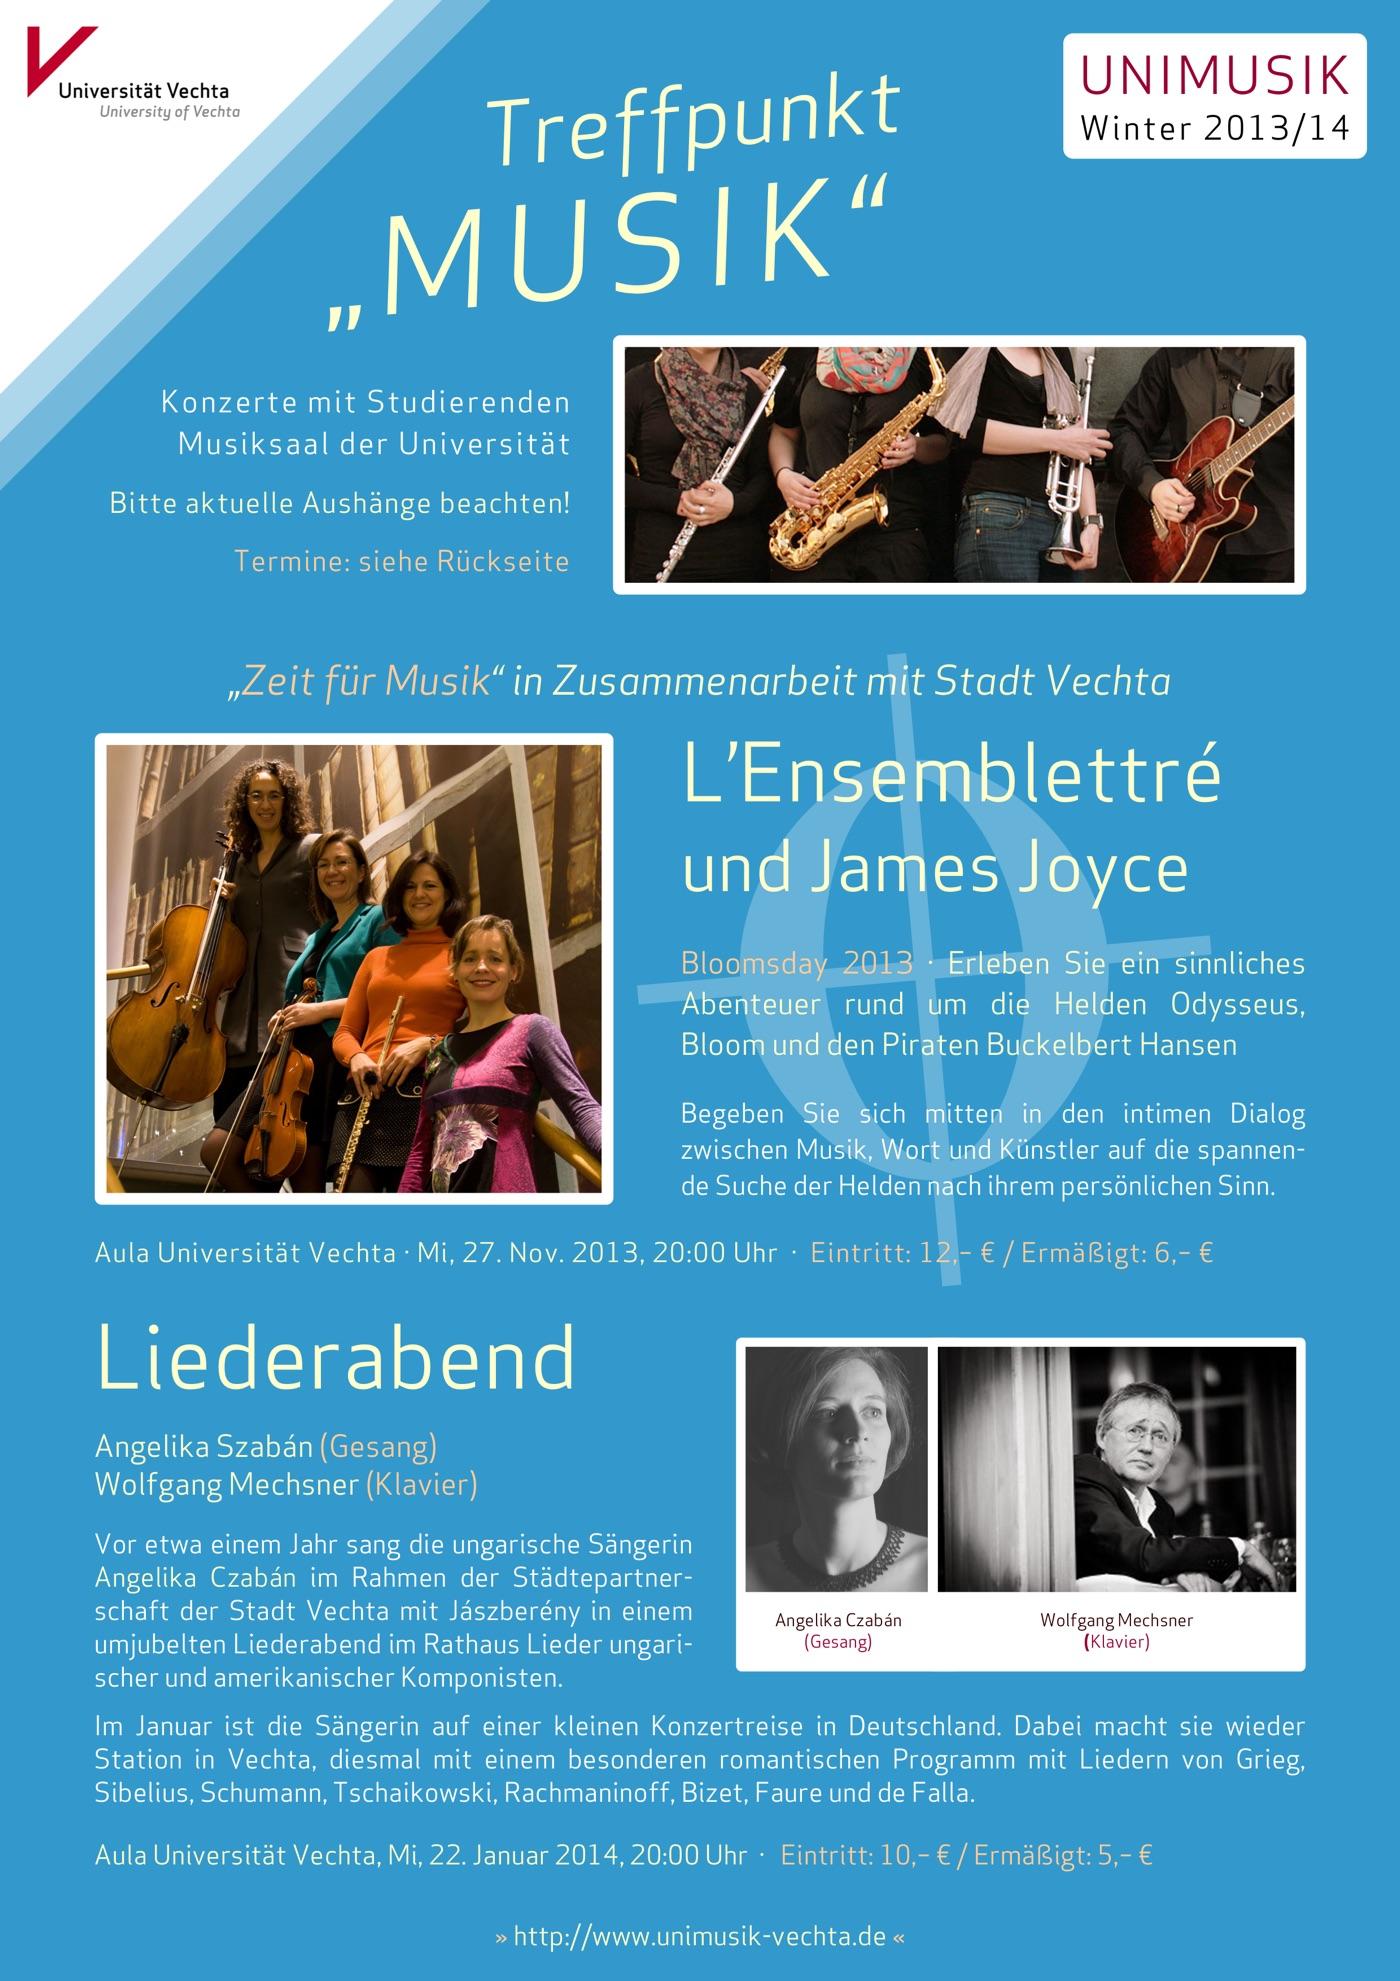 Flyer (Vorderseite) und Plakat · UNIMUSIK · Winter 2013/14